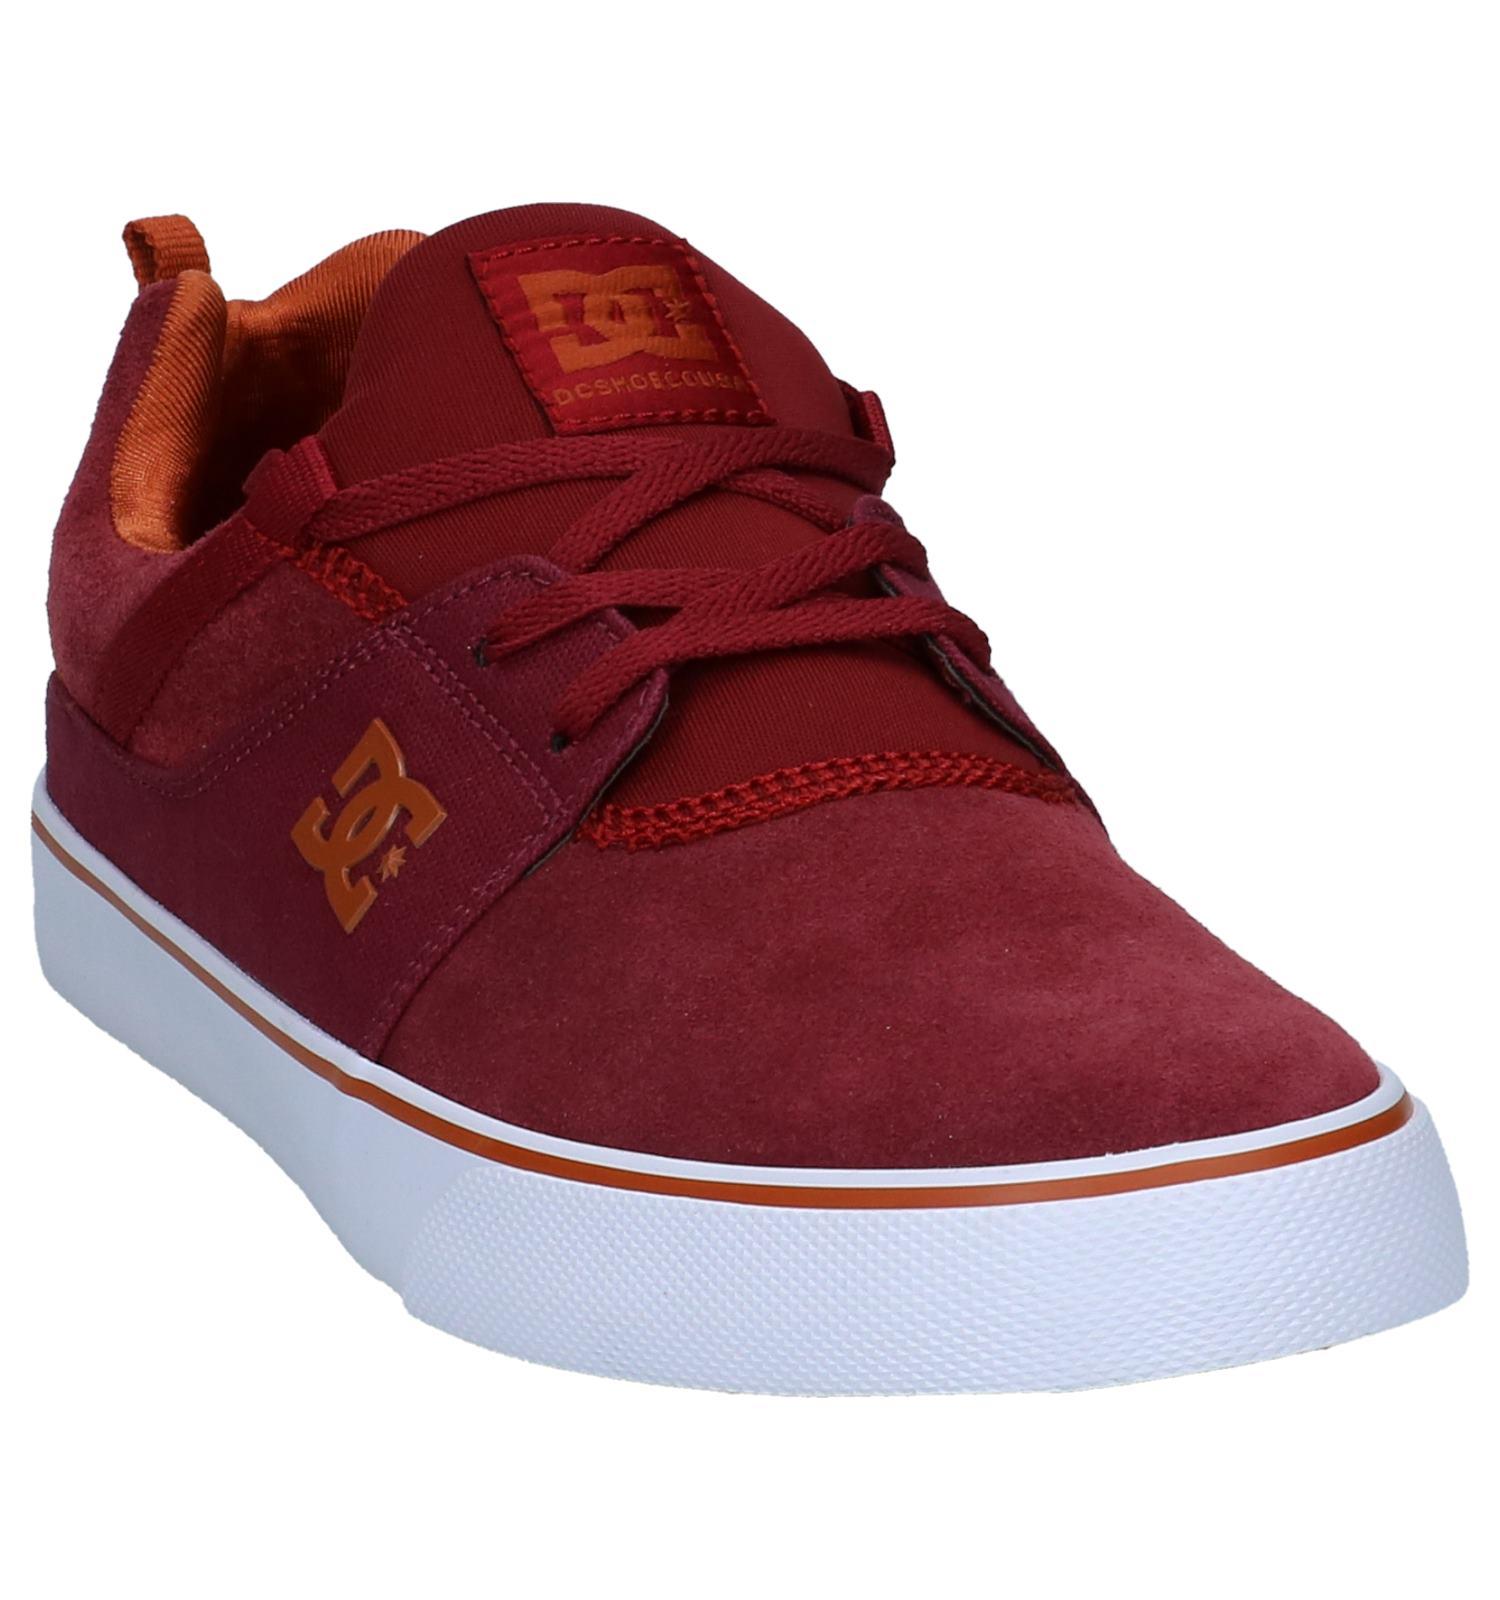 Vulc Heathrow Sneakers Bordeaux Dc Shoes xstQCrdBoh